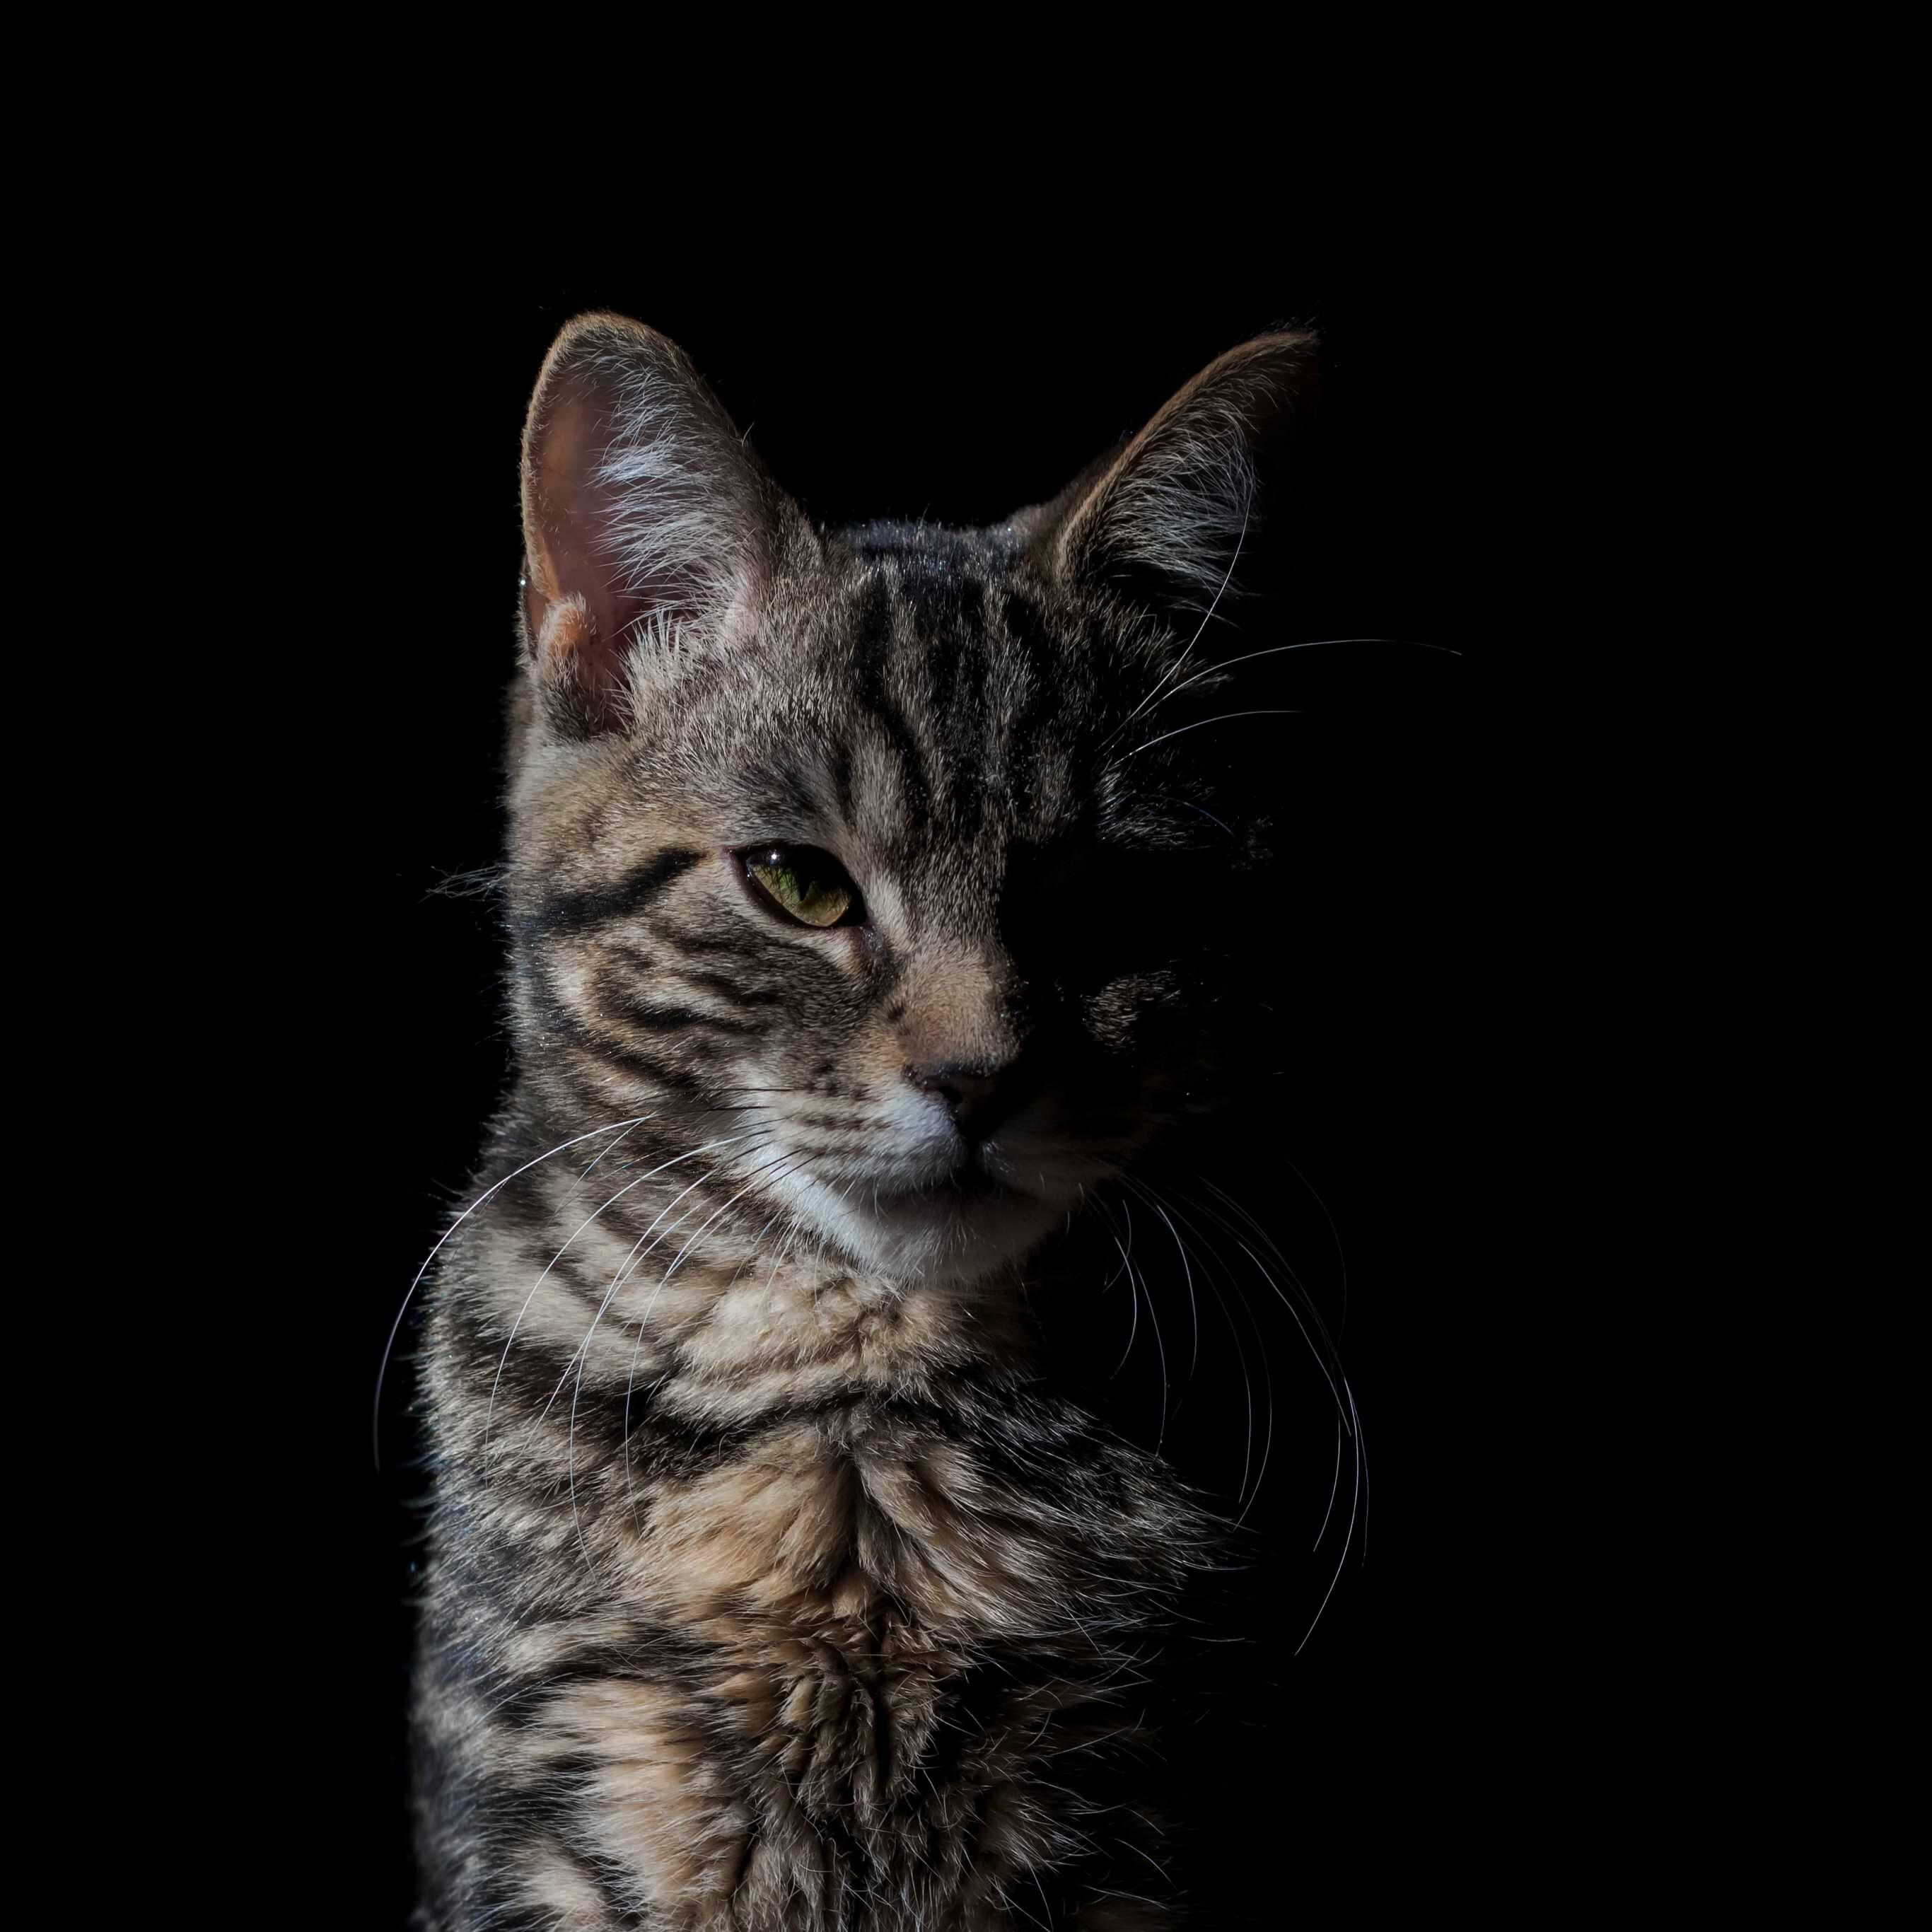 無表情の猫